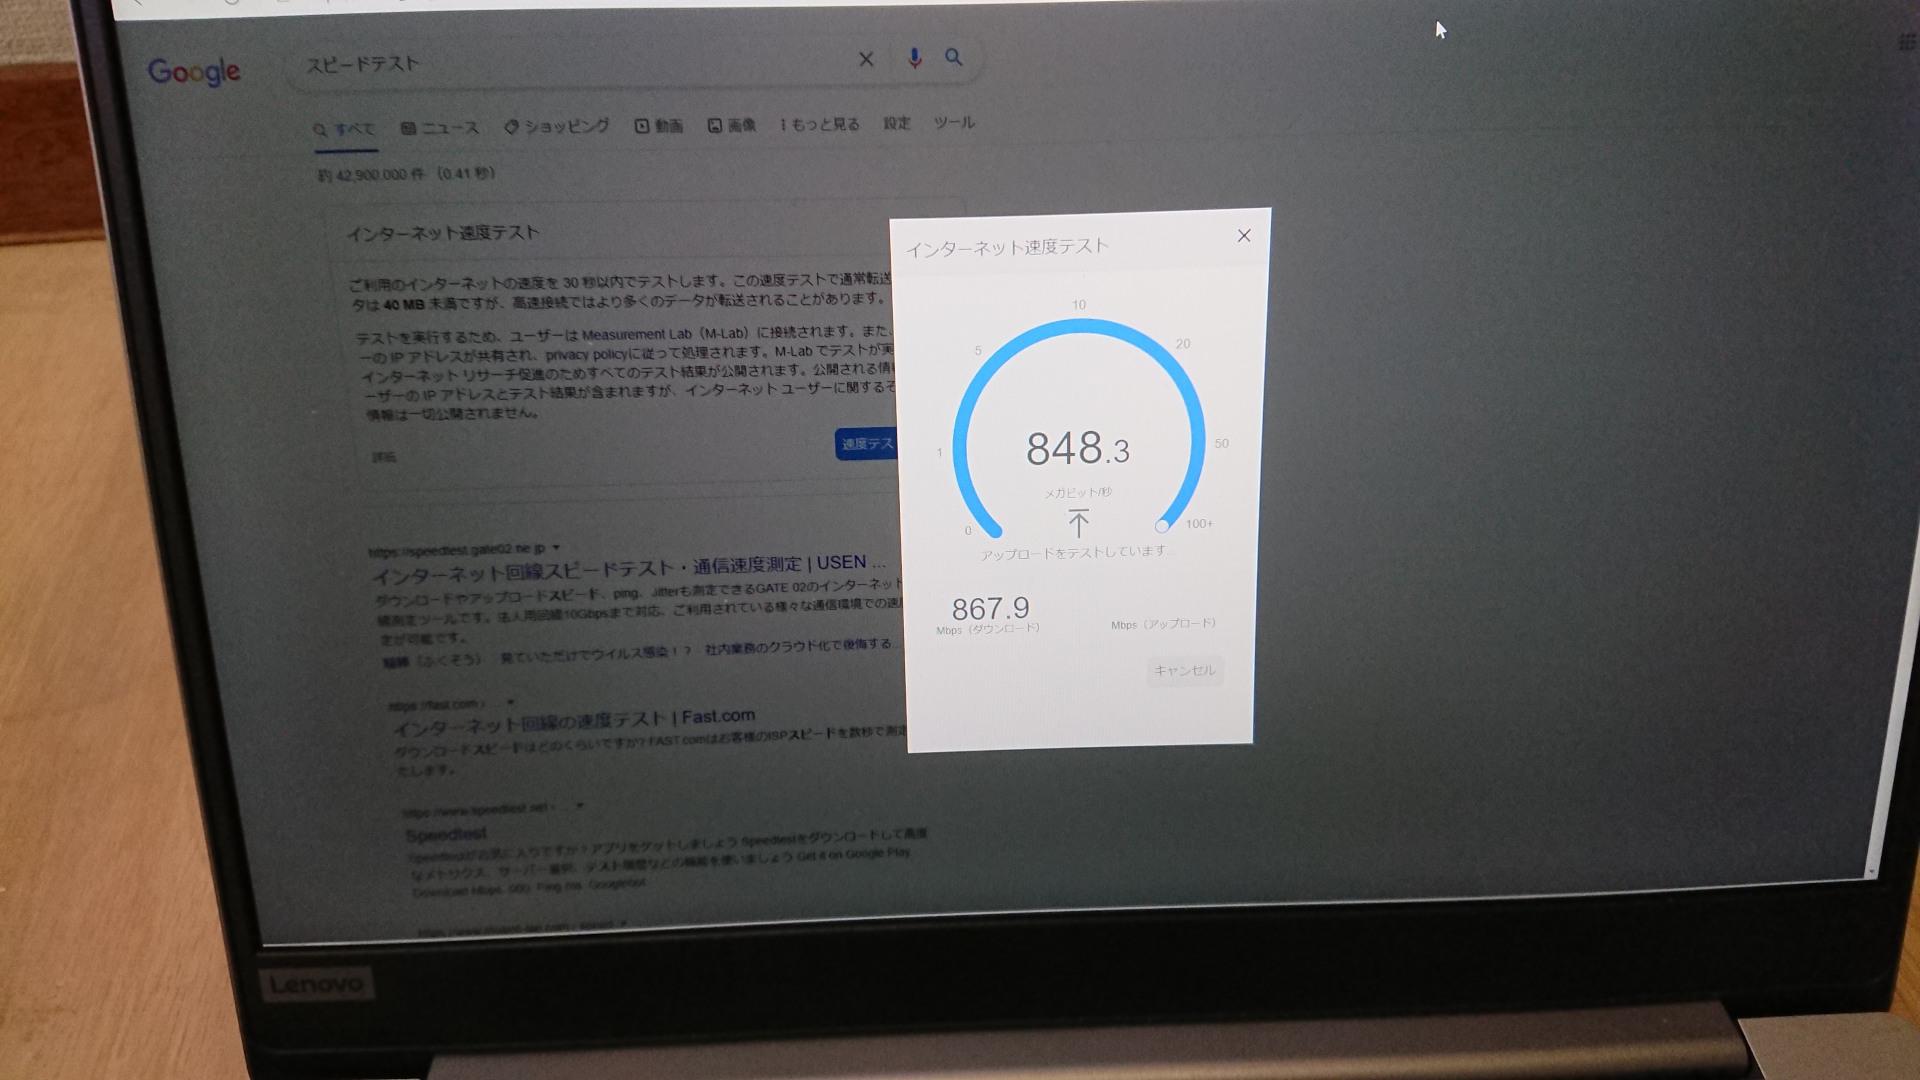 淡路駅の賃貸事務所「淡路駅前ラボ」eo光スピードテスト